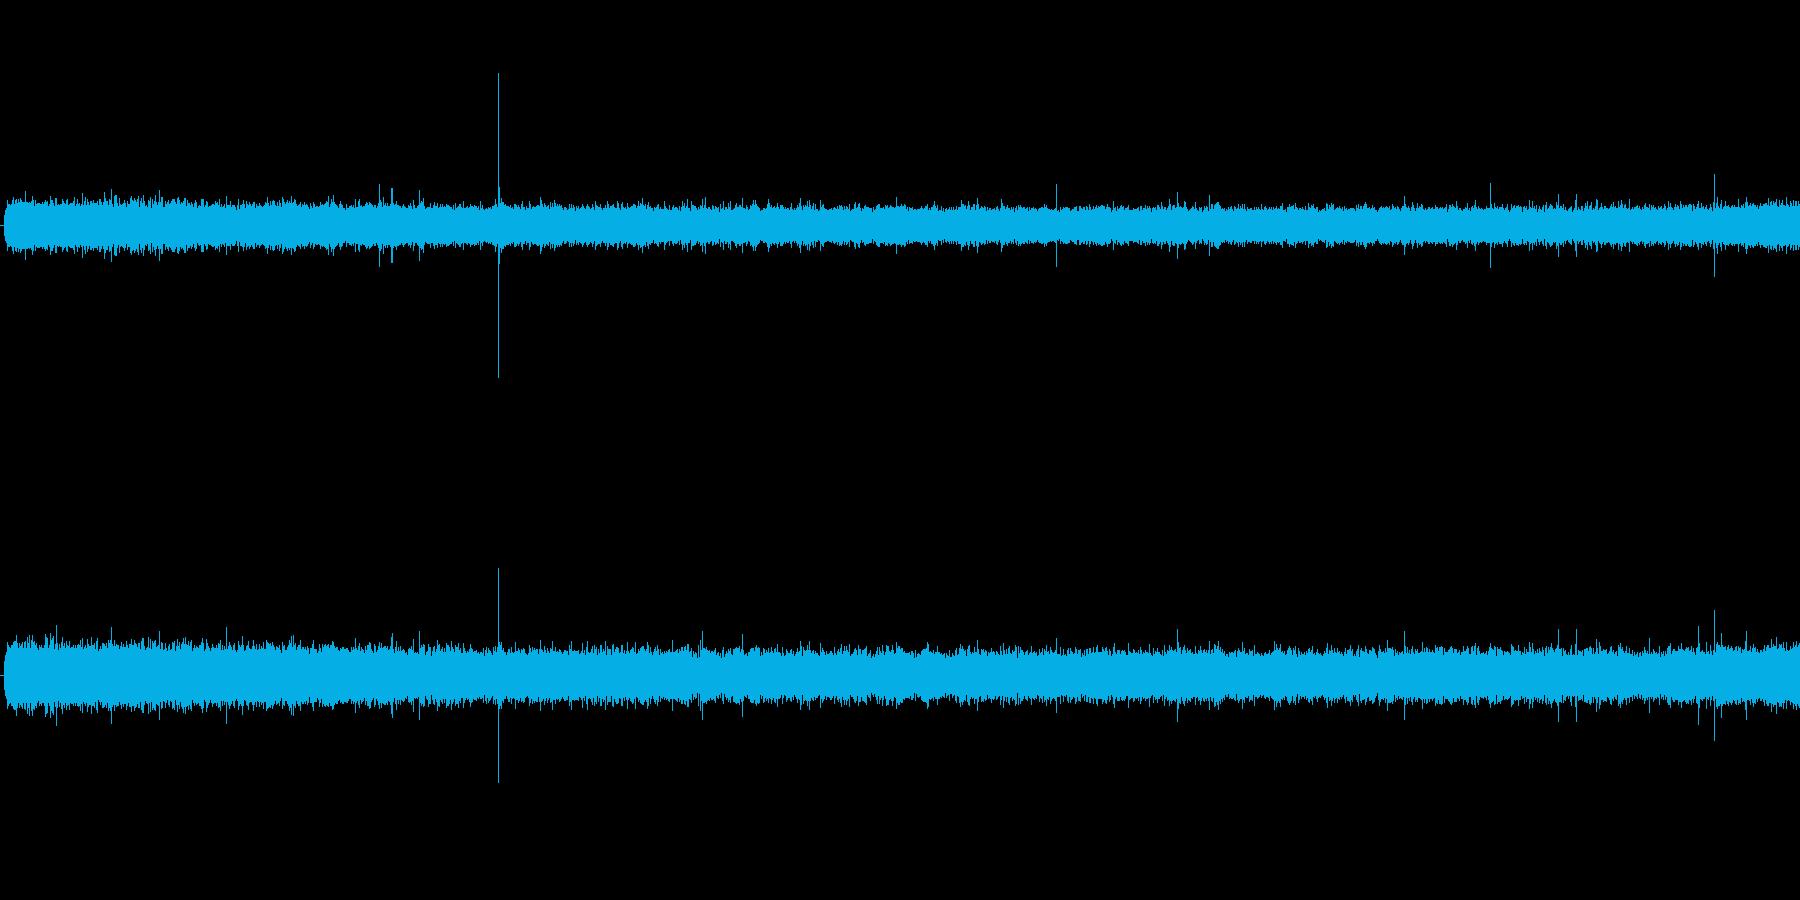 雨音(サーサー)の再生済みの波形